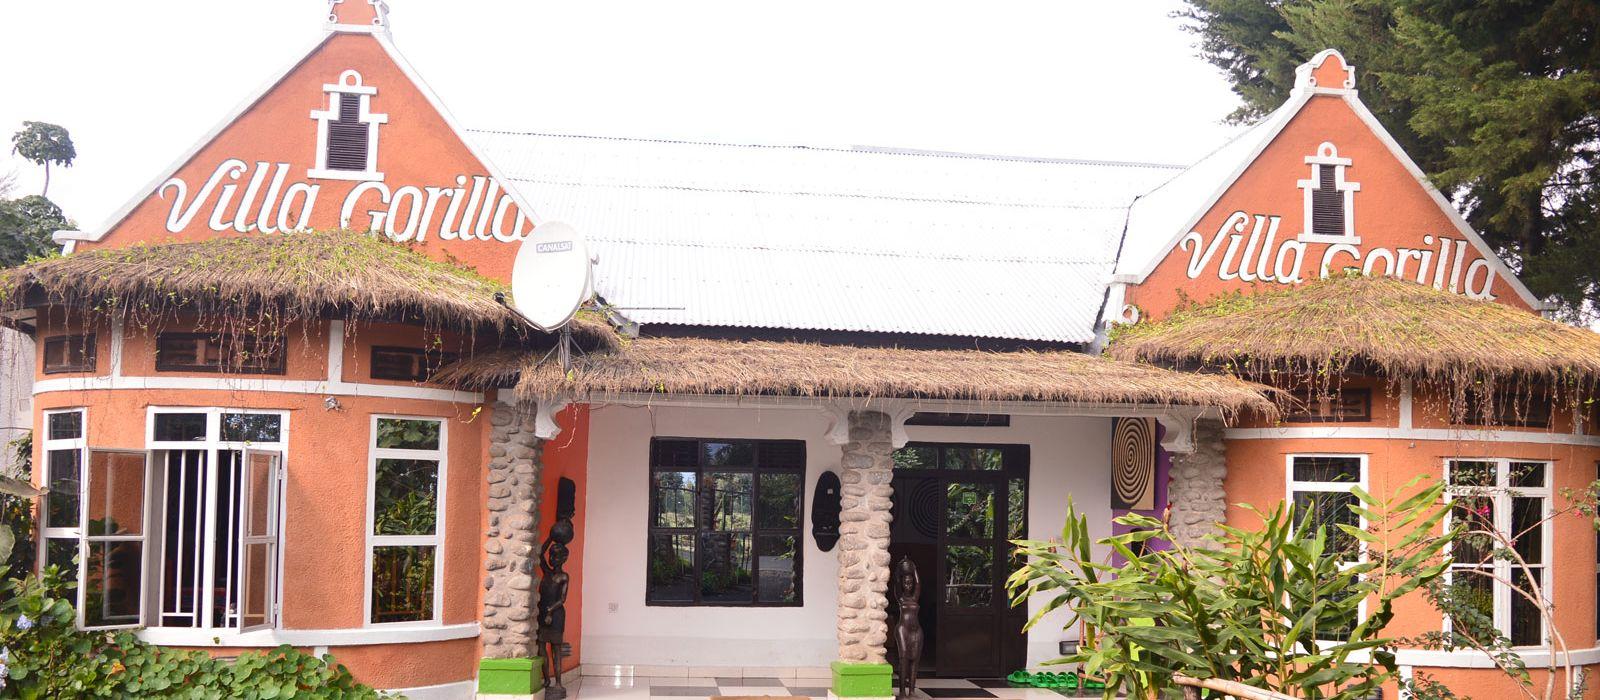 Hotel Villa Gorilla Rwanda